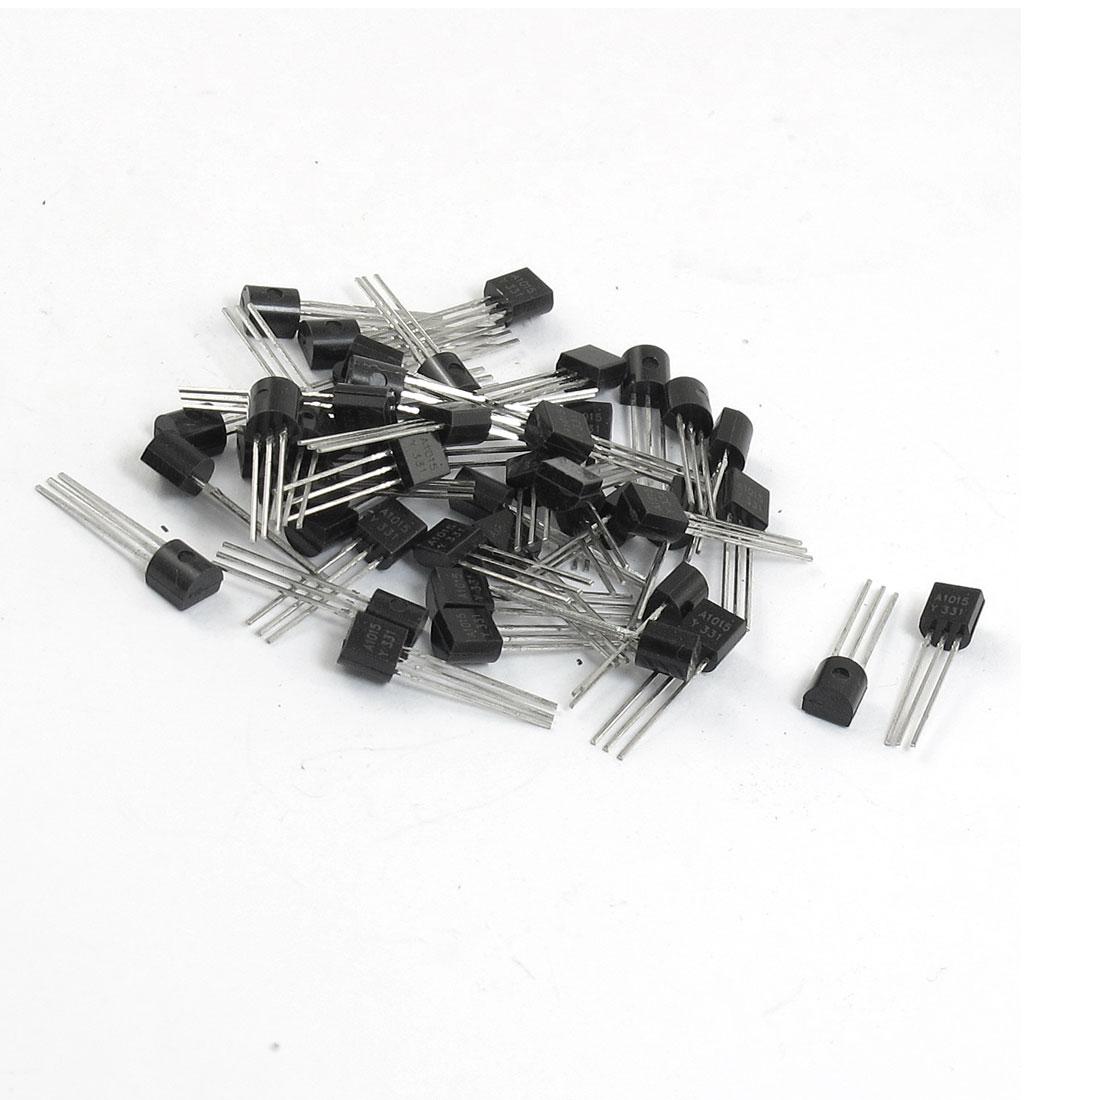 50 Pcs TO-92 Plastic Encapsulat PNP Transistors A1015